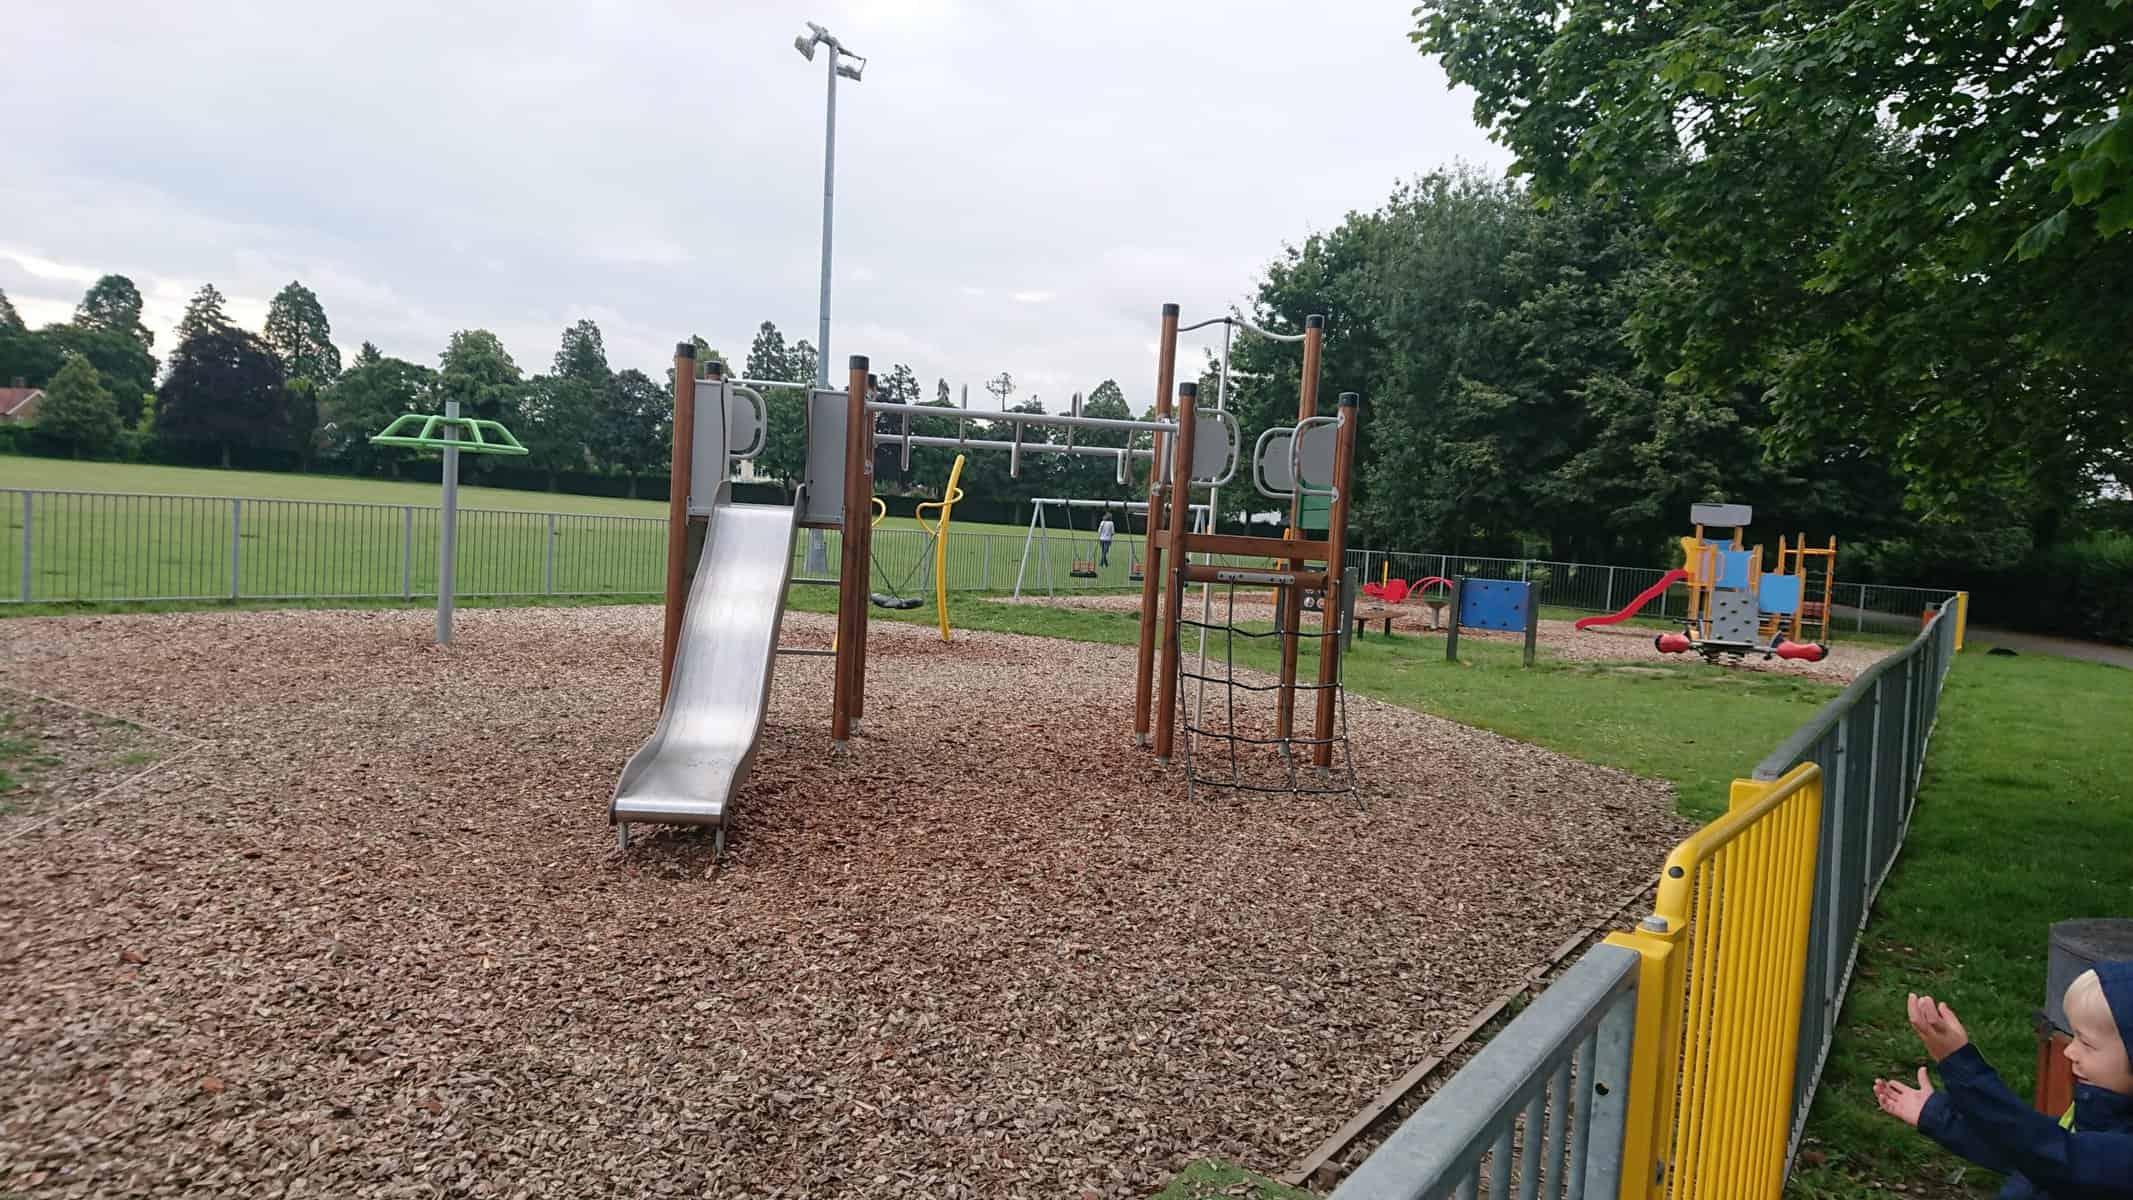 Watchett Recreation Ground Play Area